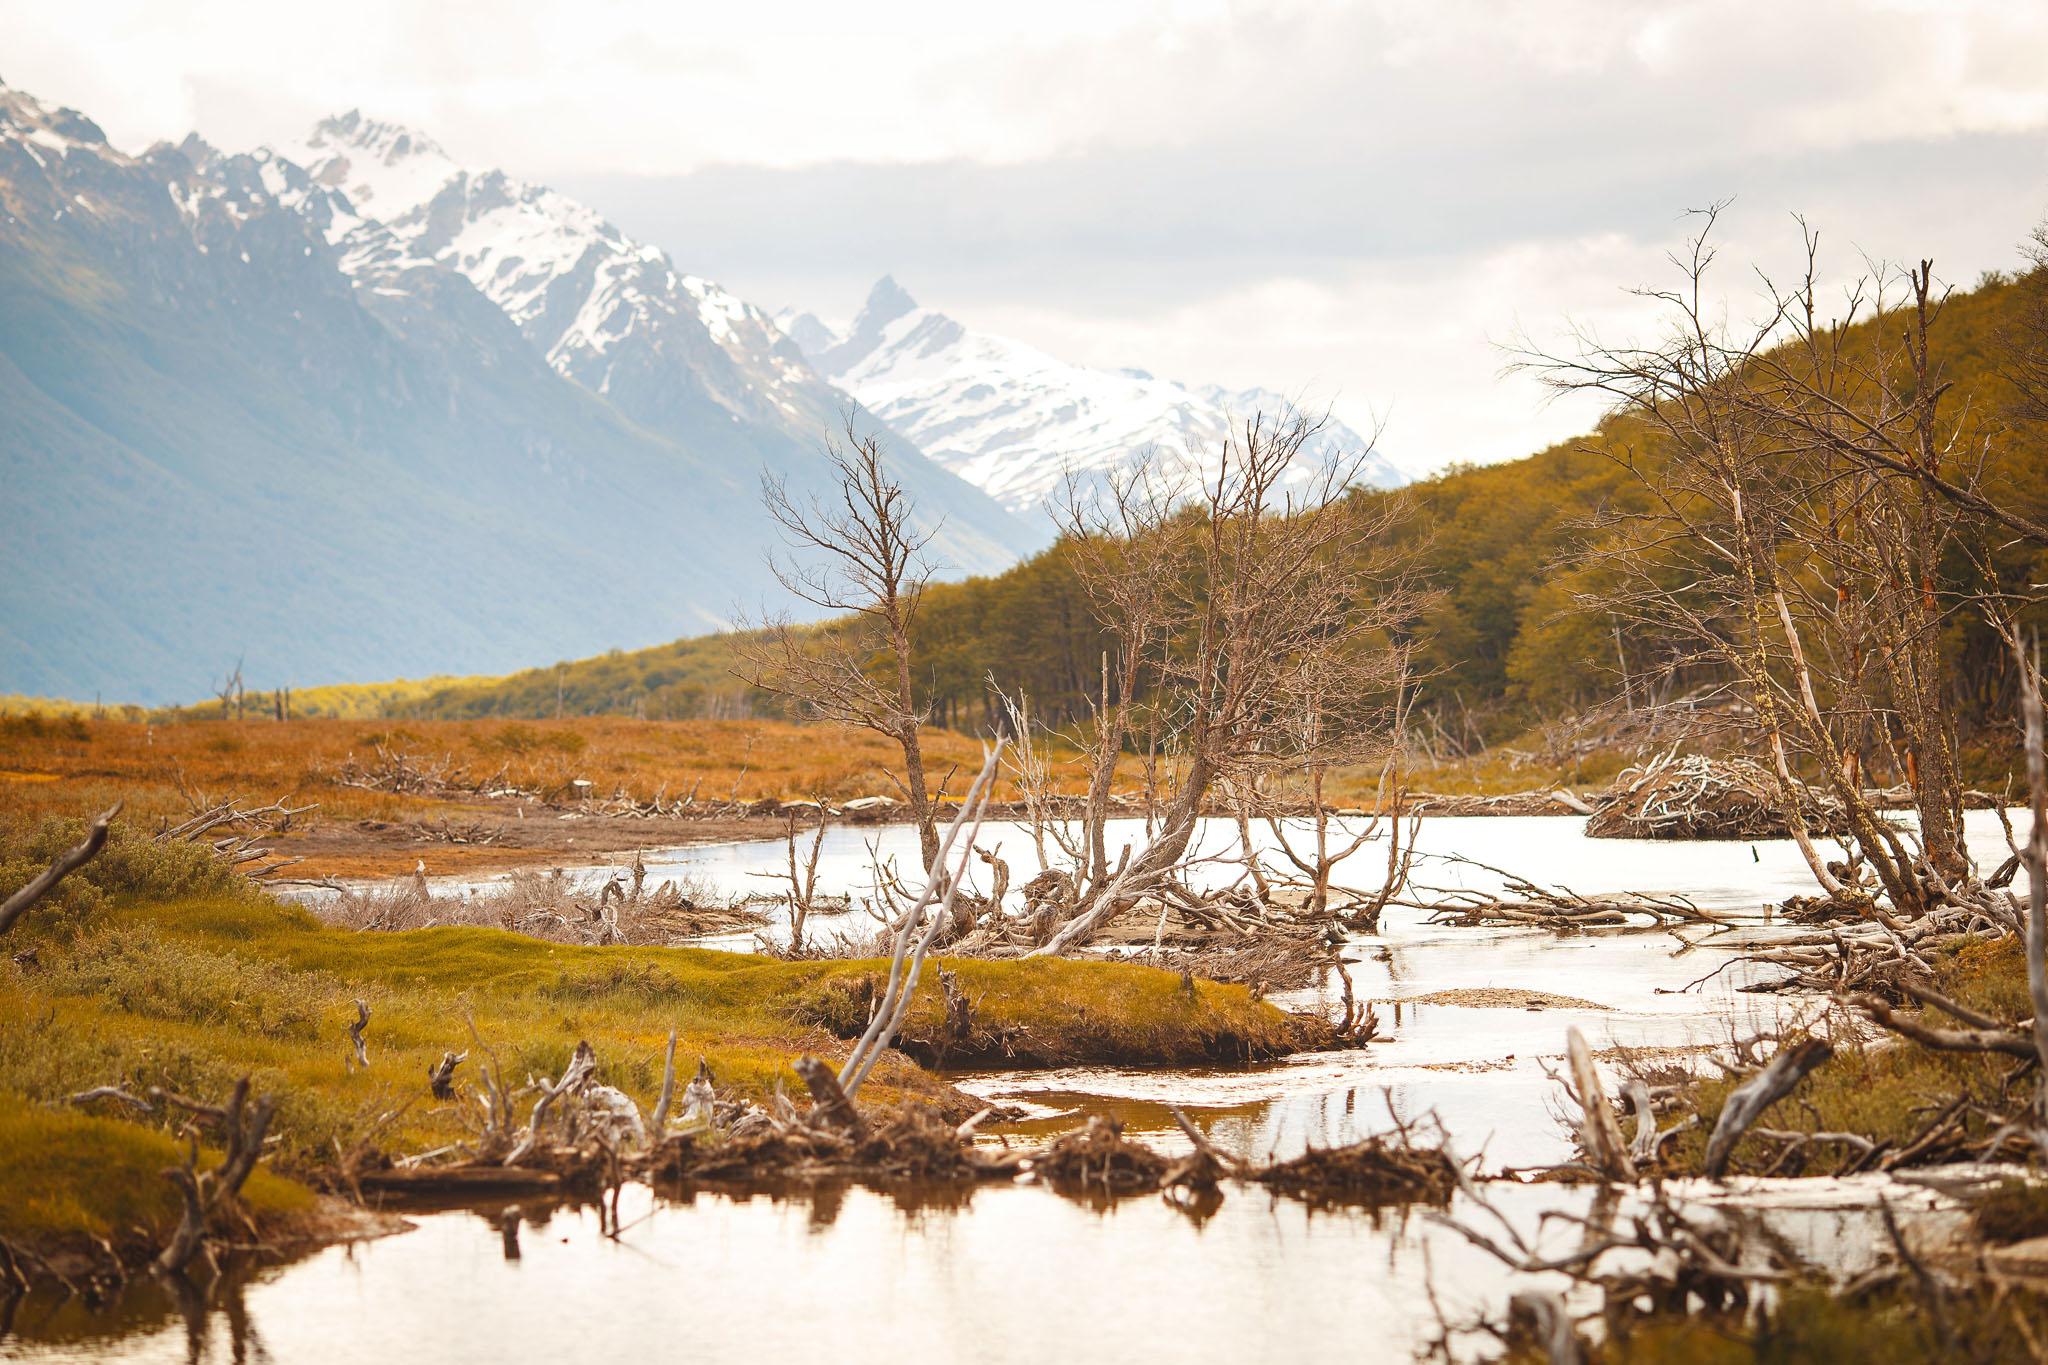 Wedding-travellers-ushuaia-argentina-laguna-esmeralda-beaver-damage